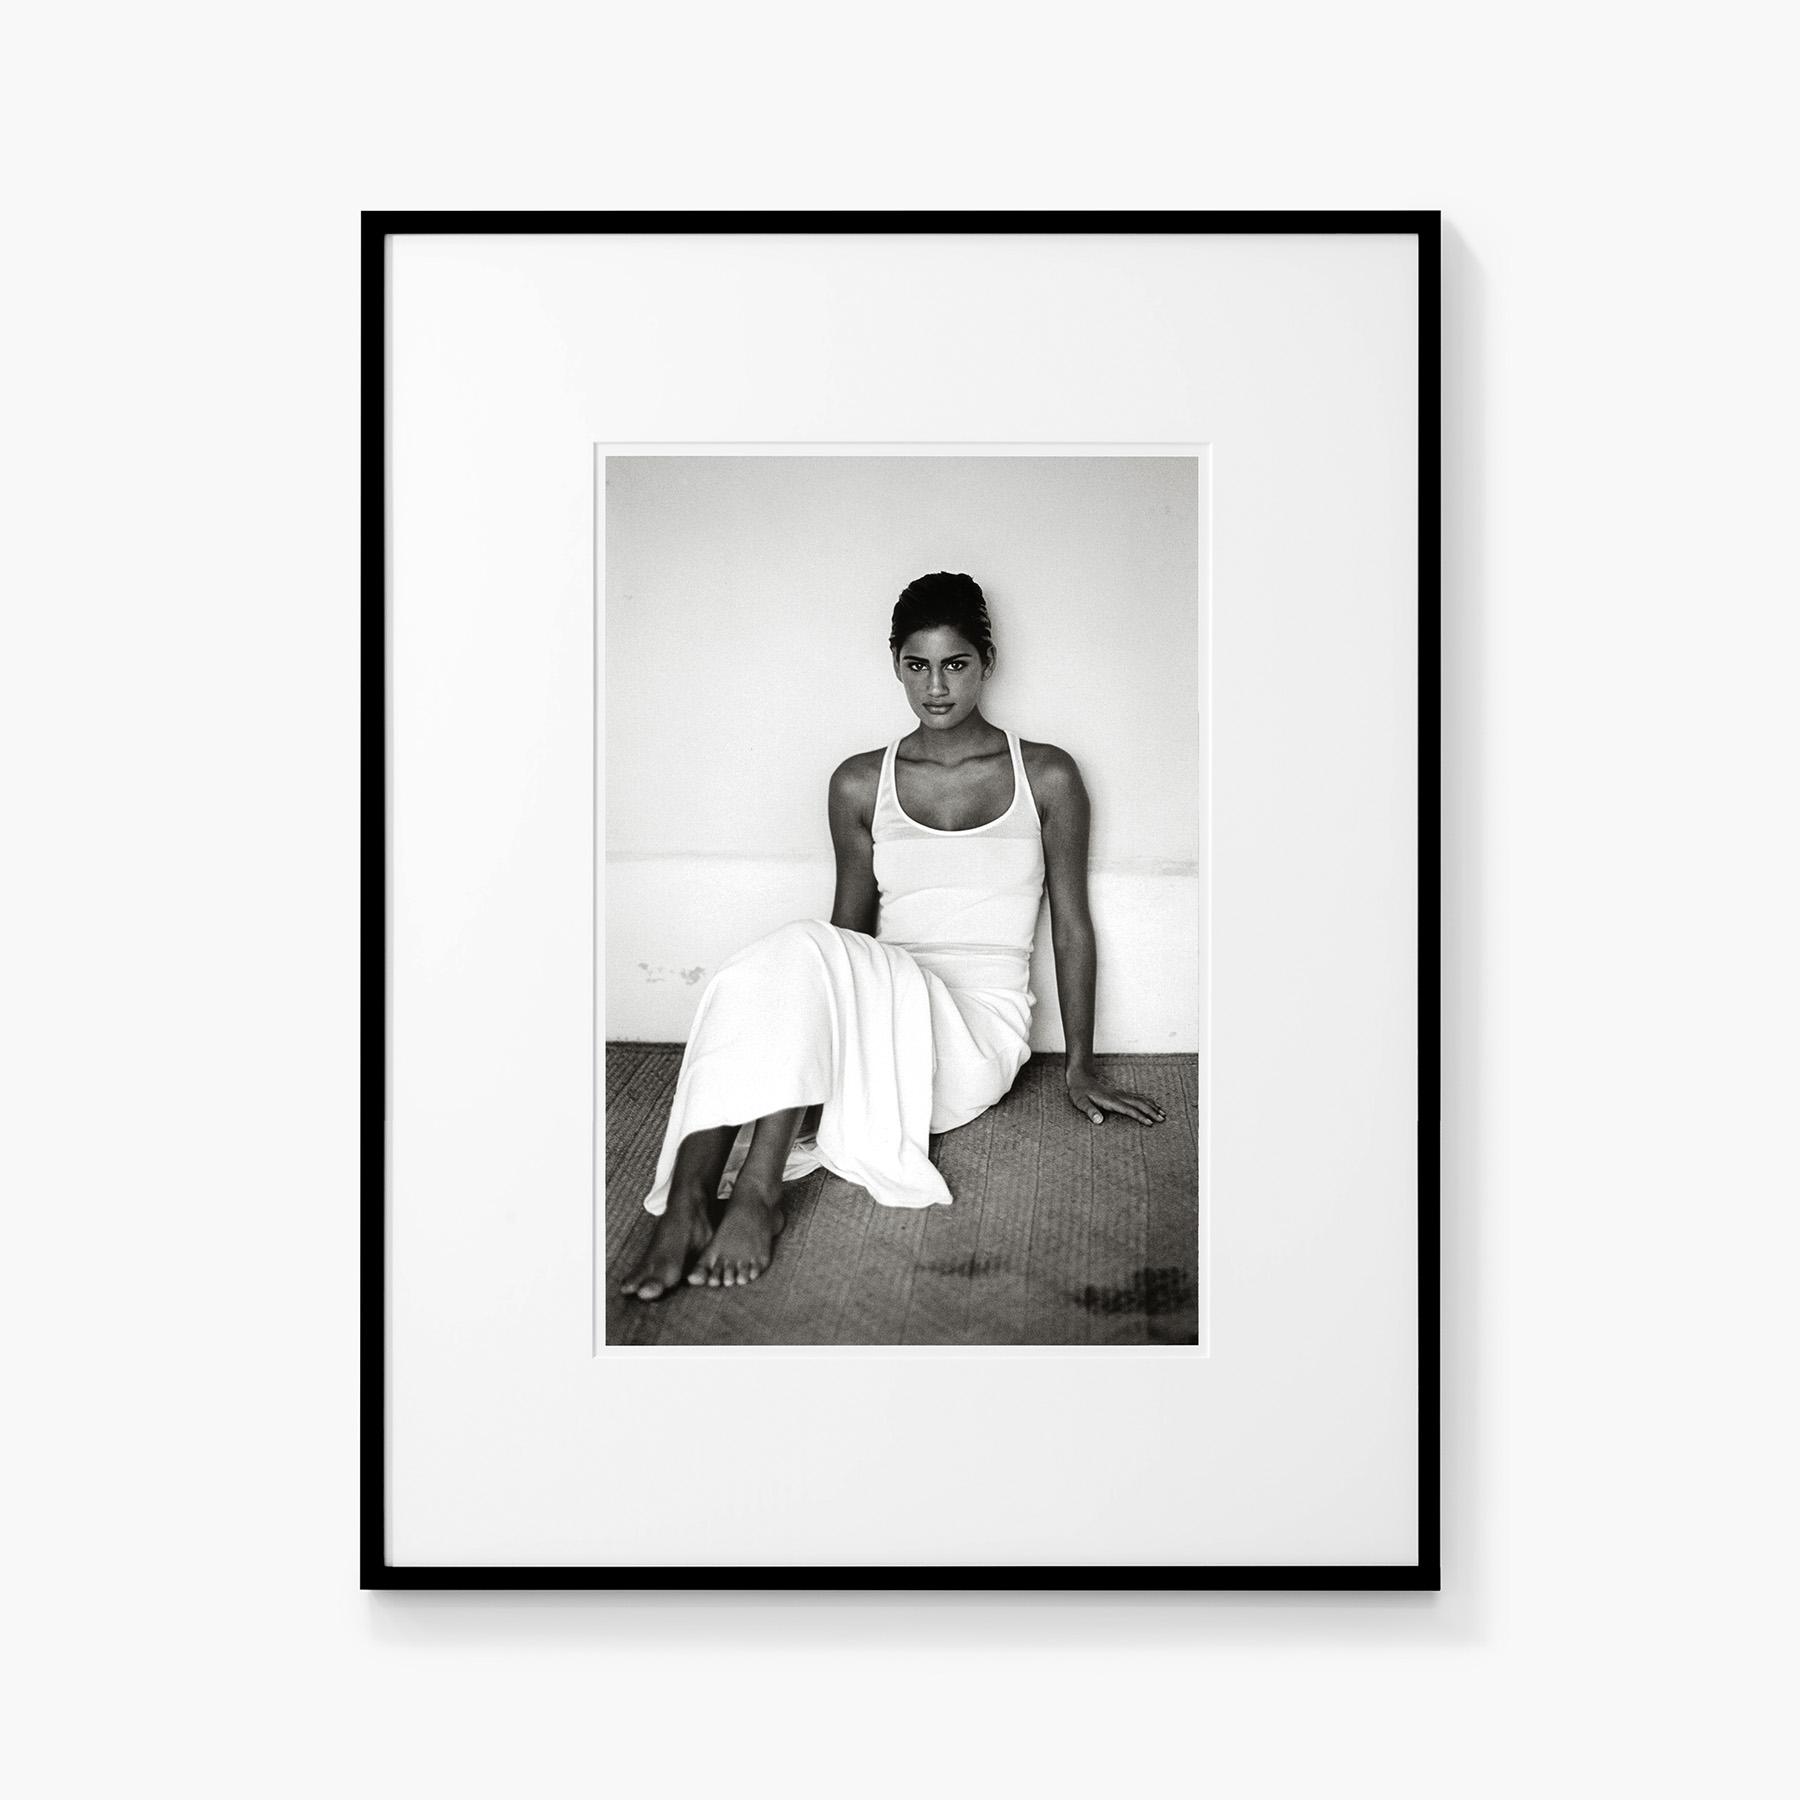 Tirage_Andre_Carrara_Jamila, 1996, Bahamas